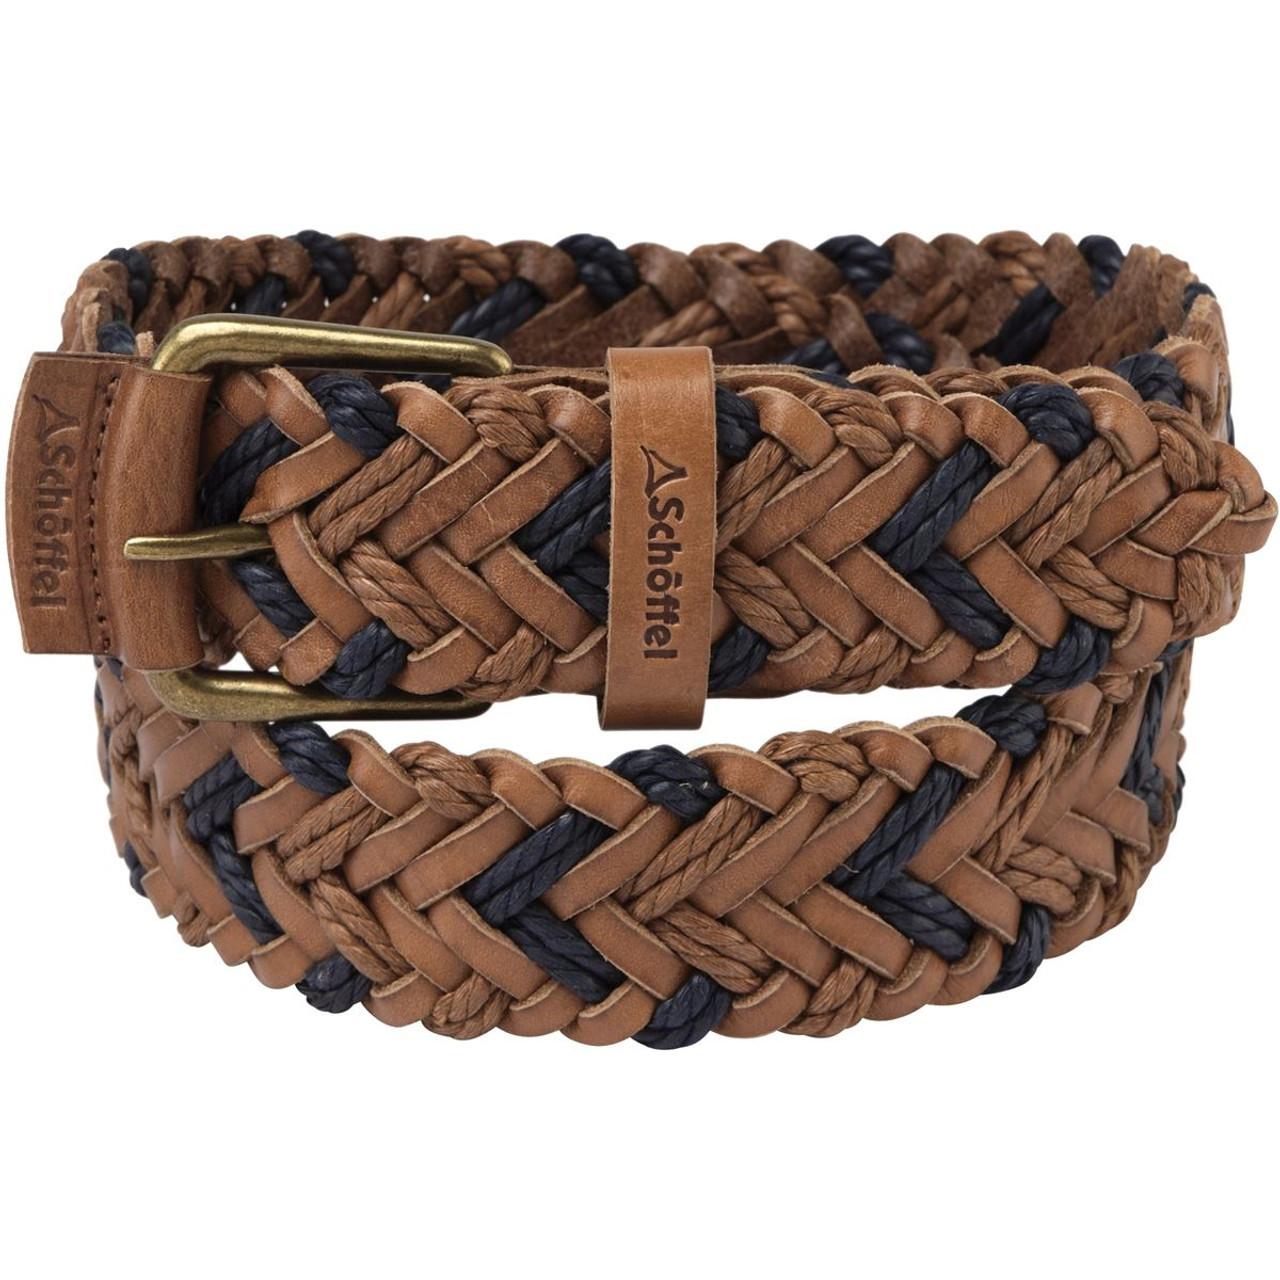 Schoffel Unisex Woven Leather Belt